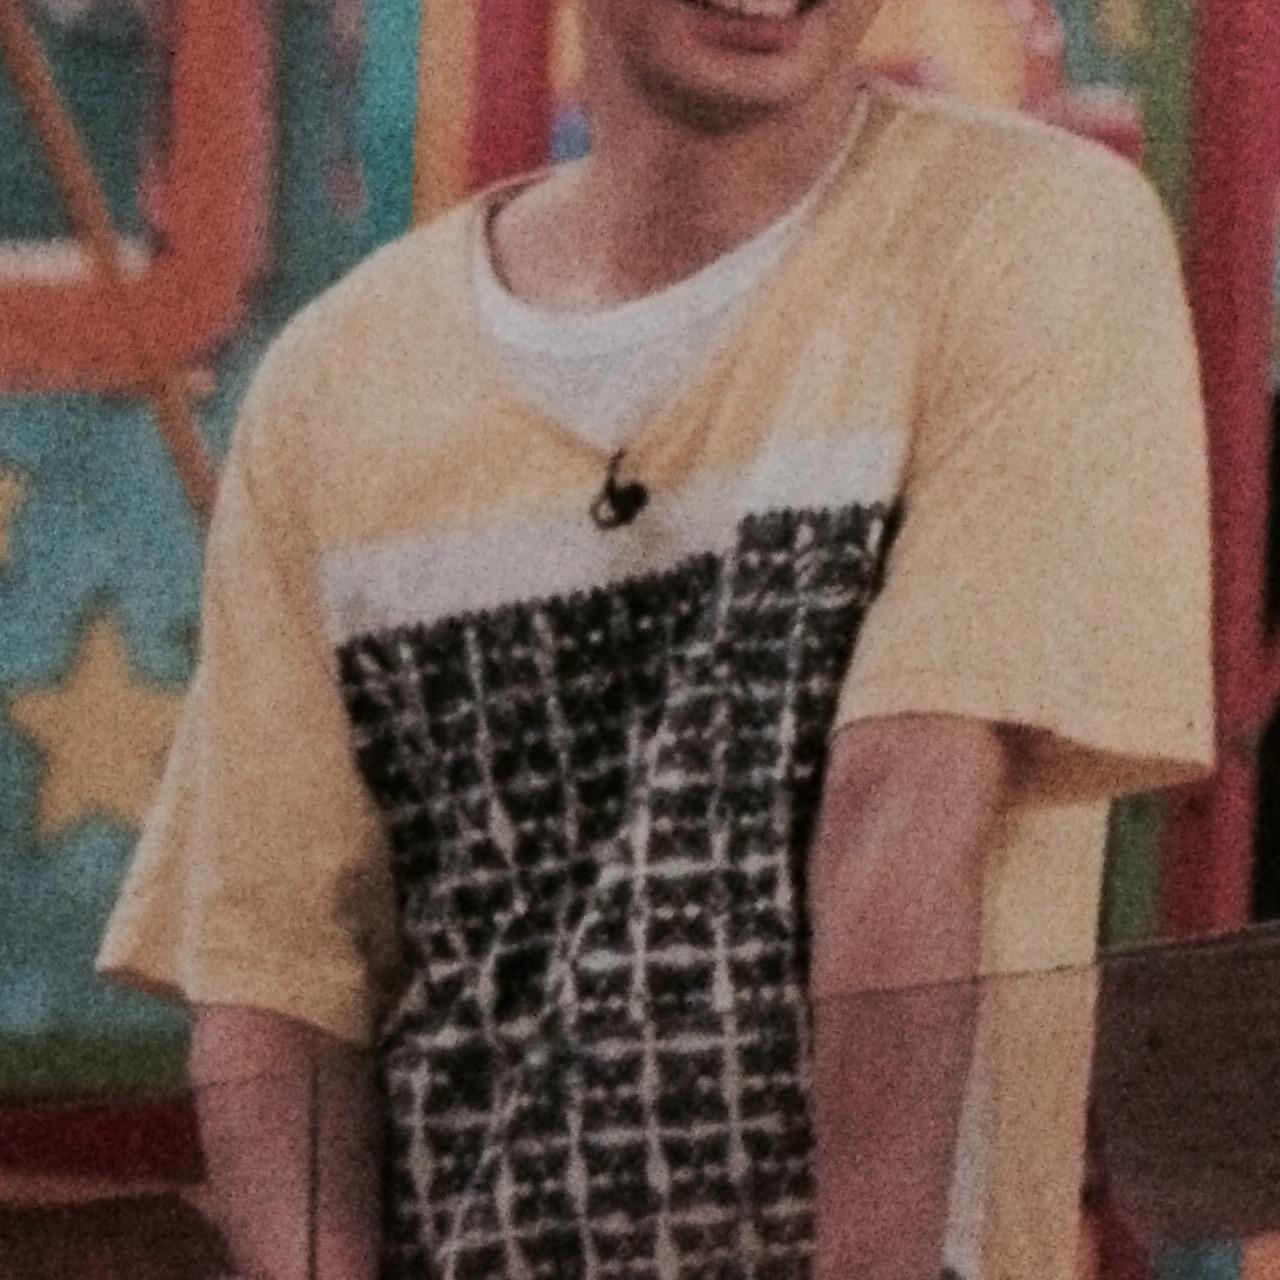 松本潤 VS嵐 7月23日着用衣装 バンダナTシャツ